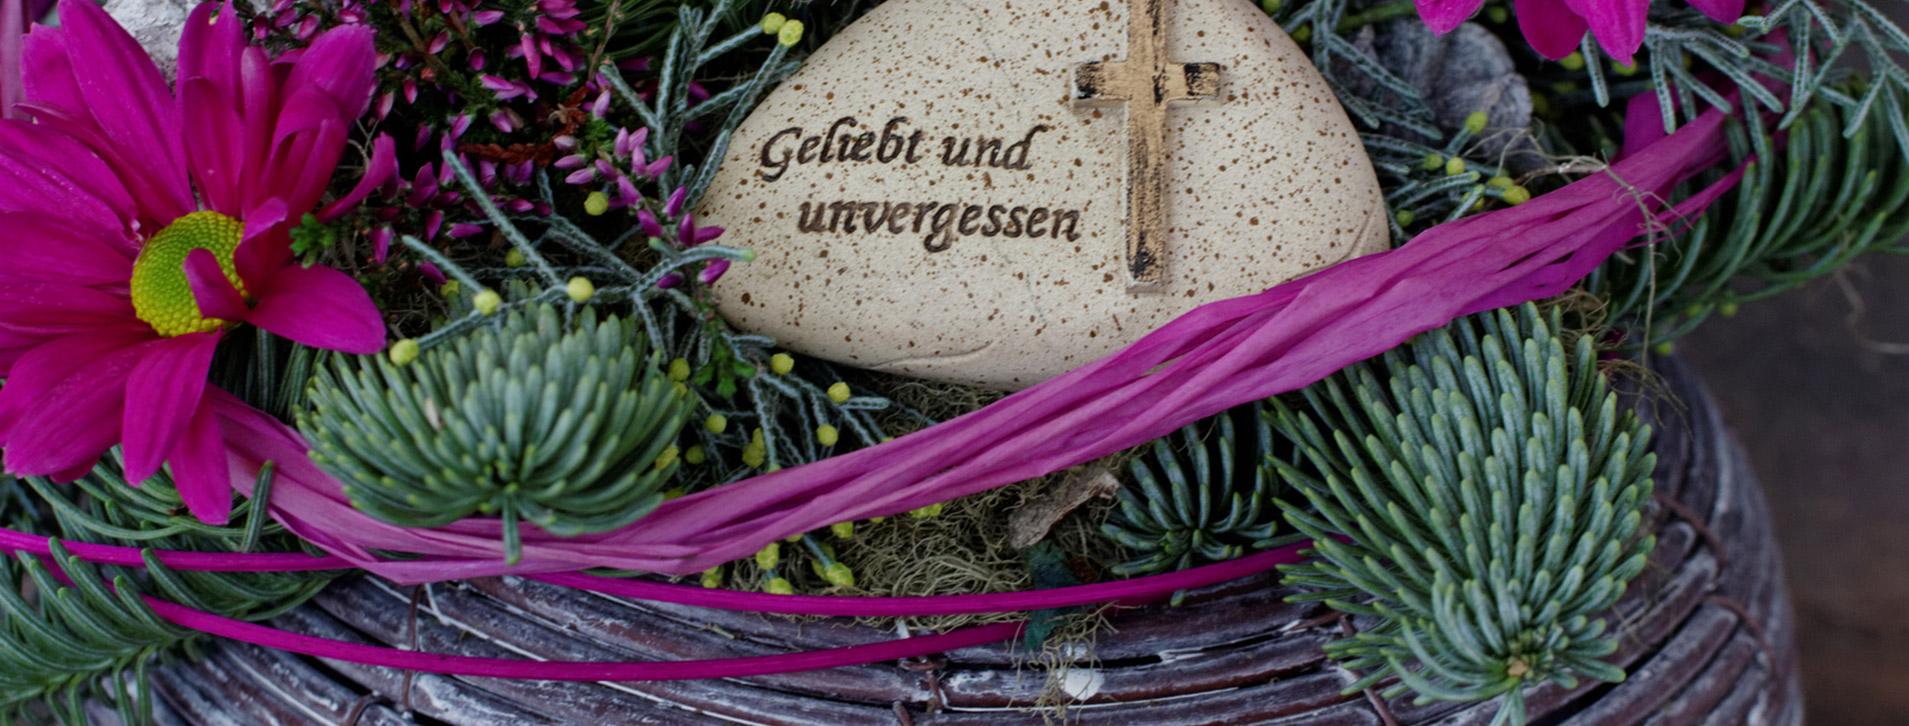 trauerfloristik_trauerschmuck_nuernberg